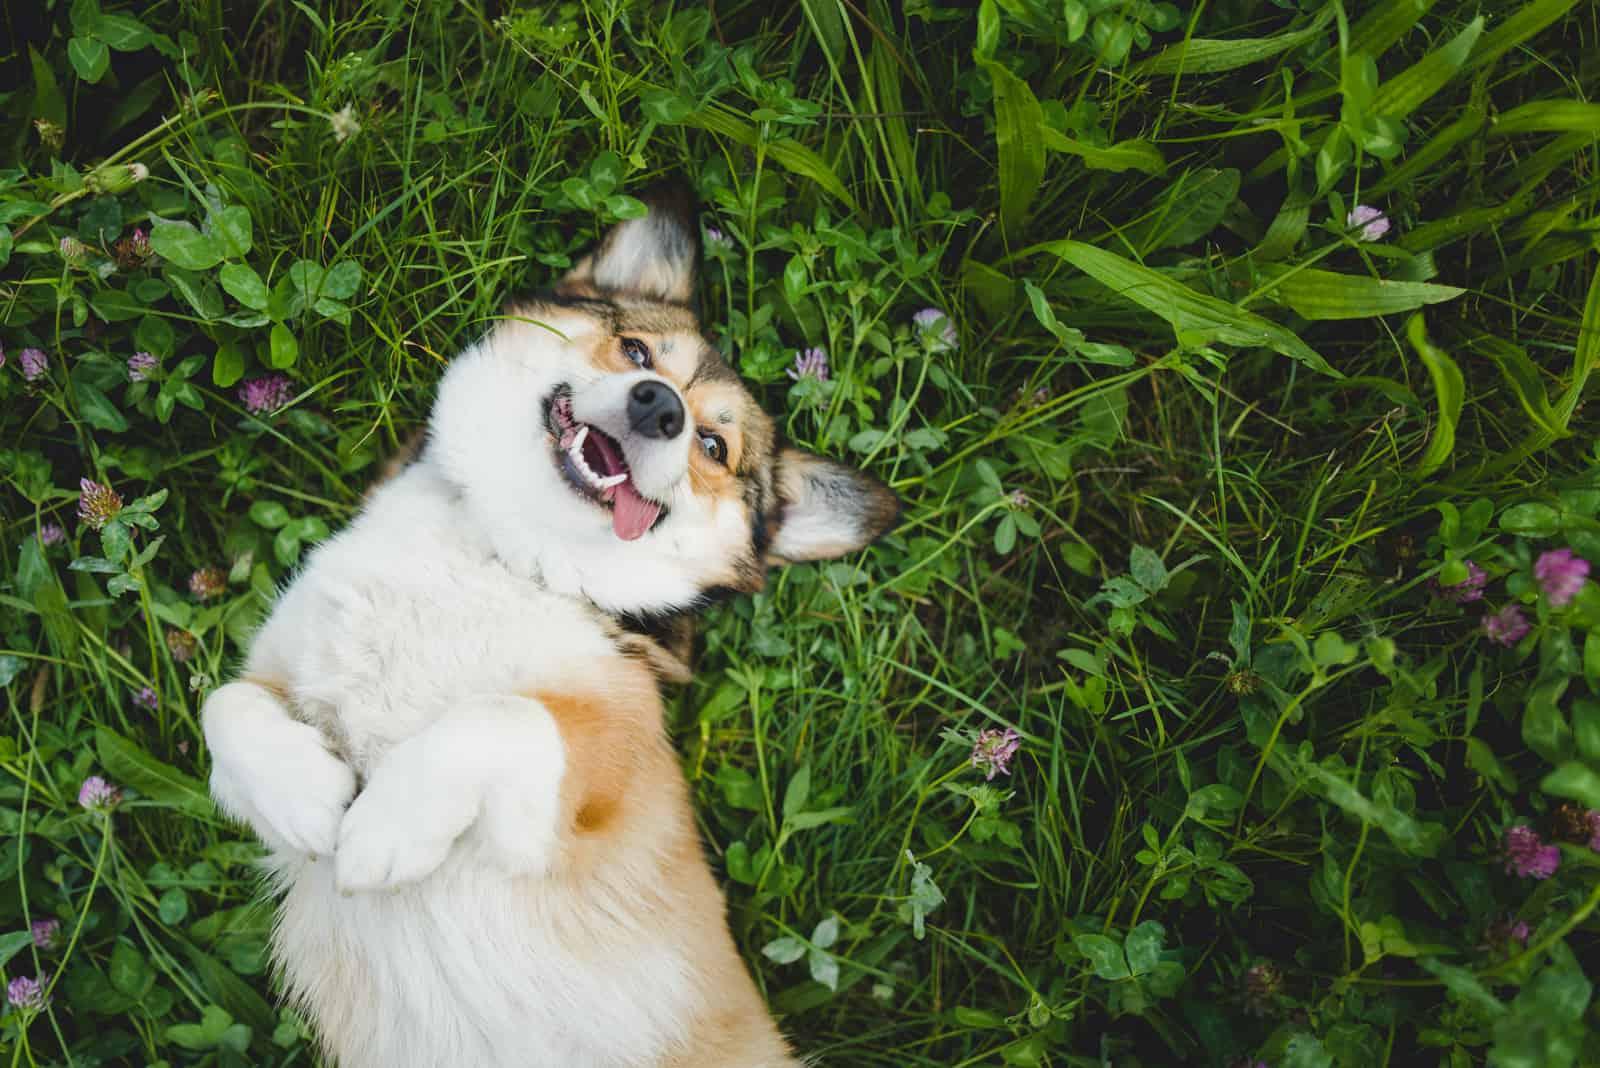 lächelnder walisischer Corgi-Pembroke-Hund, der sich auf ein Gras legt